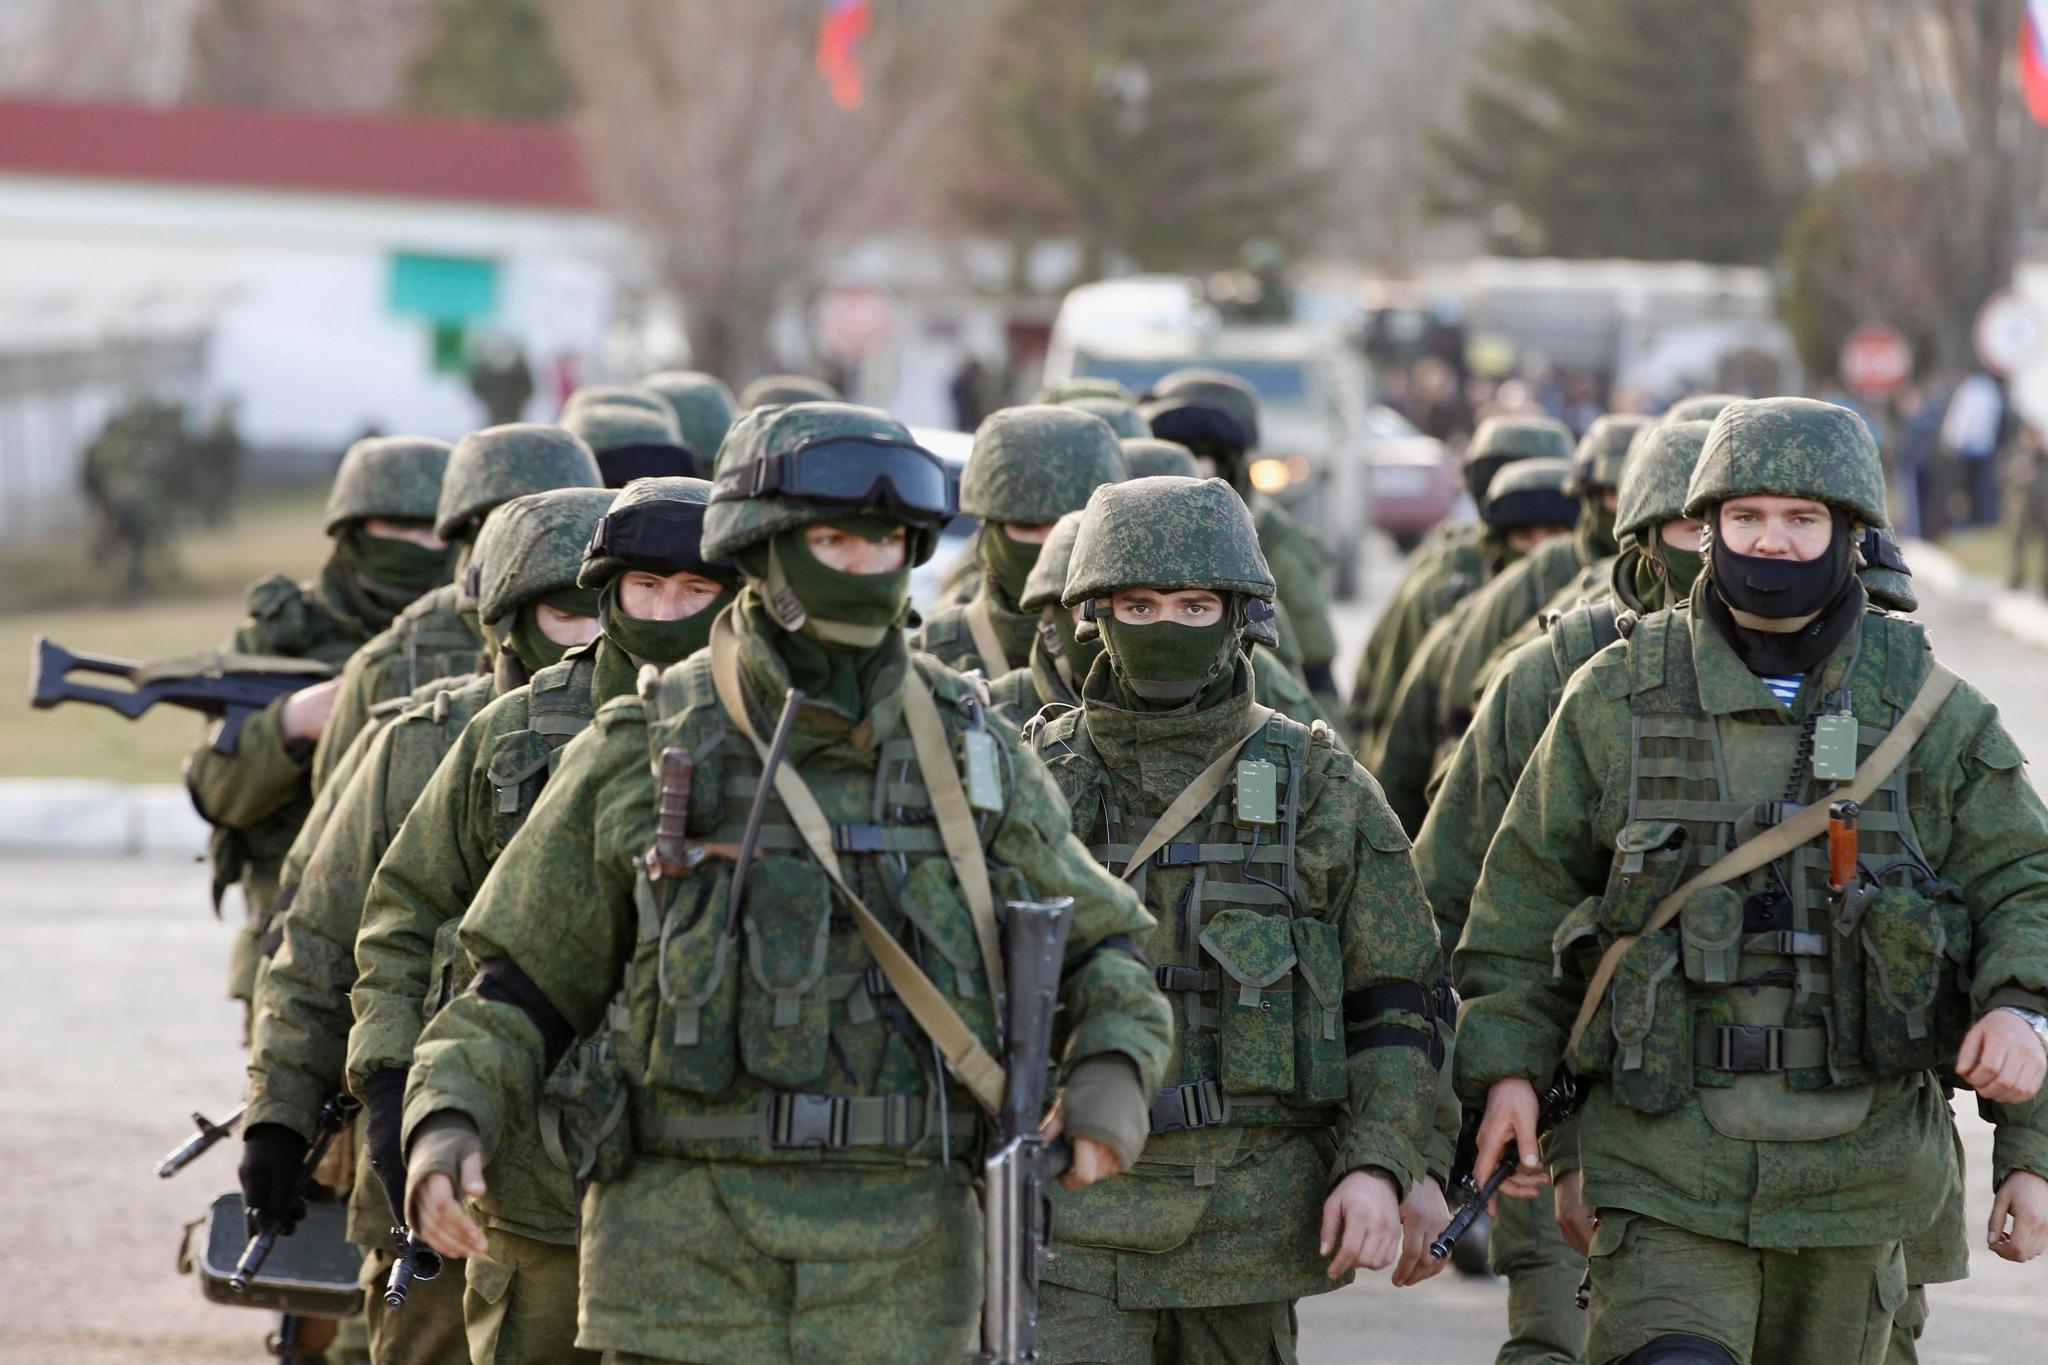 В Алчевске террористы спровоцировали дефицит продуктов первой необходимости, - СНБО - Цензор.НЕТ 3010